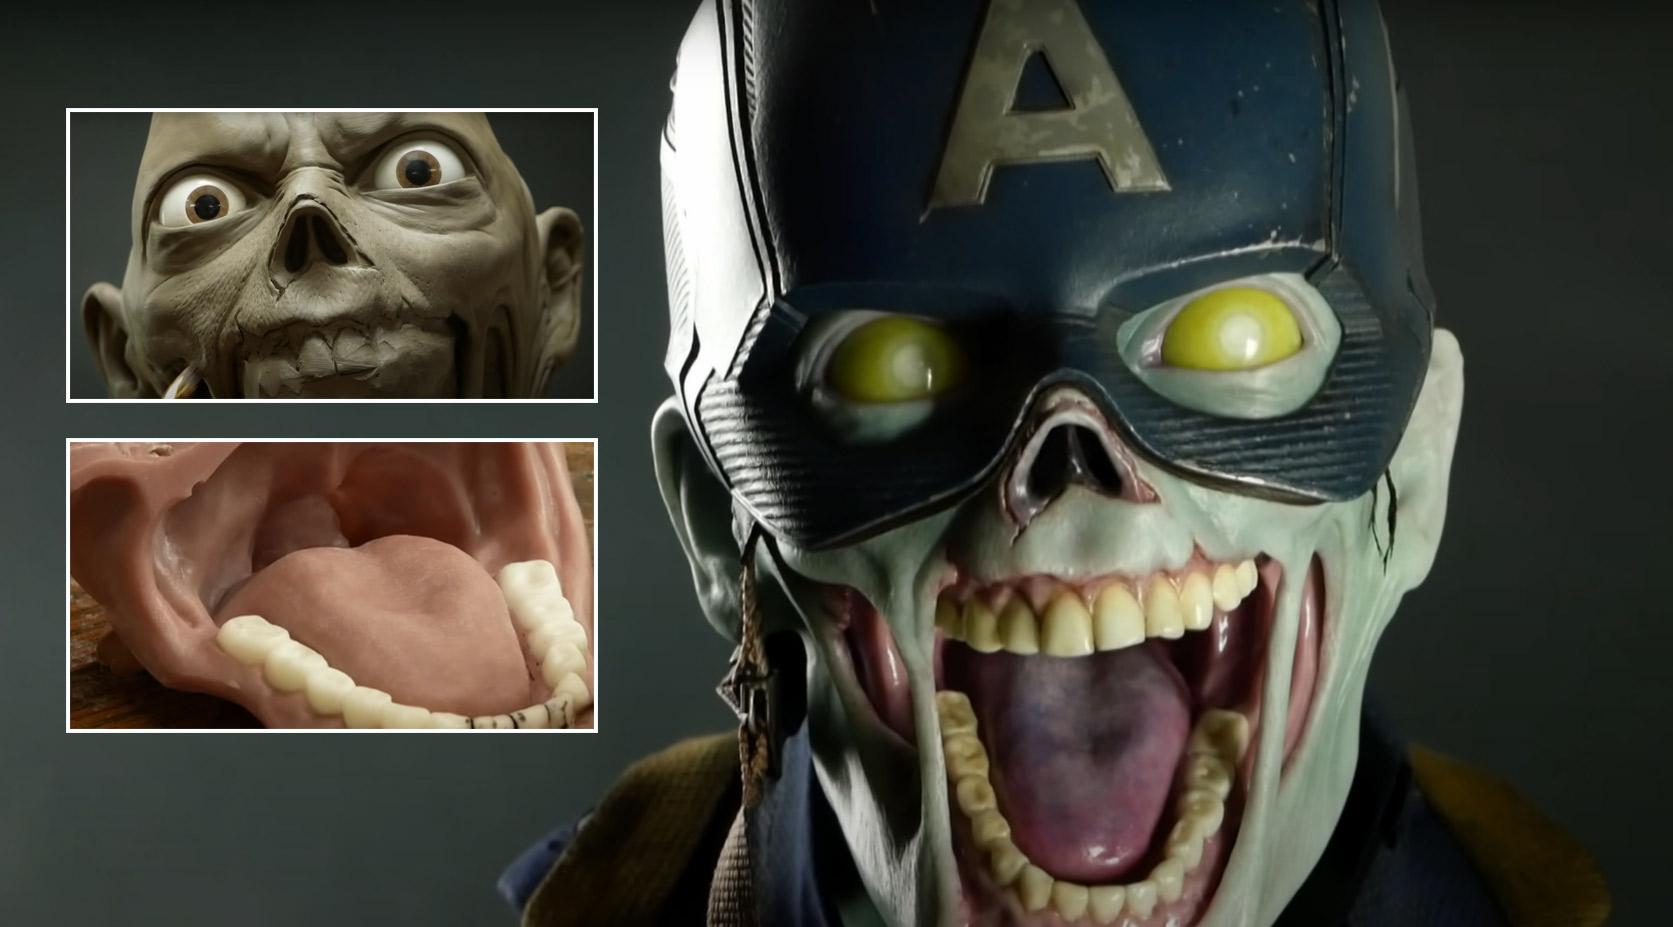 Artista Steven Richter compartilha vídeo timelapse de escultura da versão zumbi do Capitão América